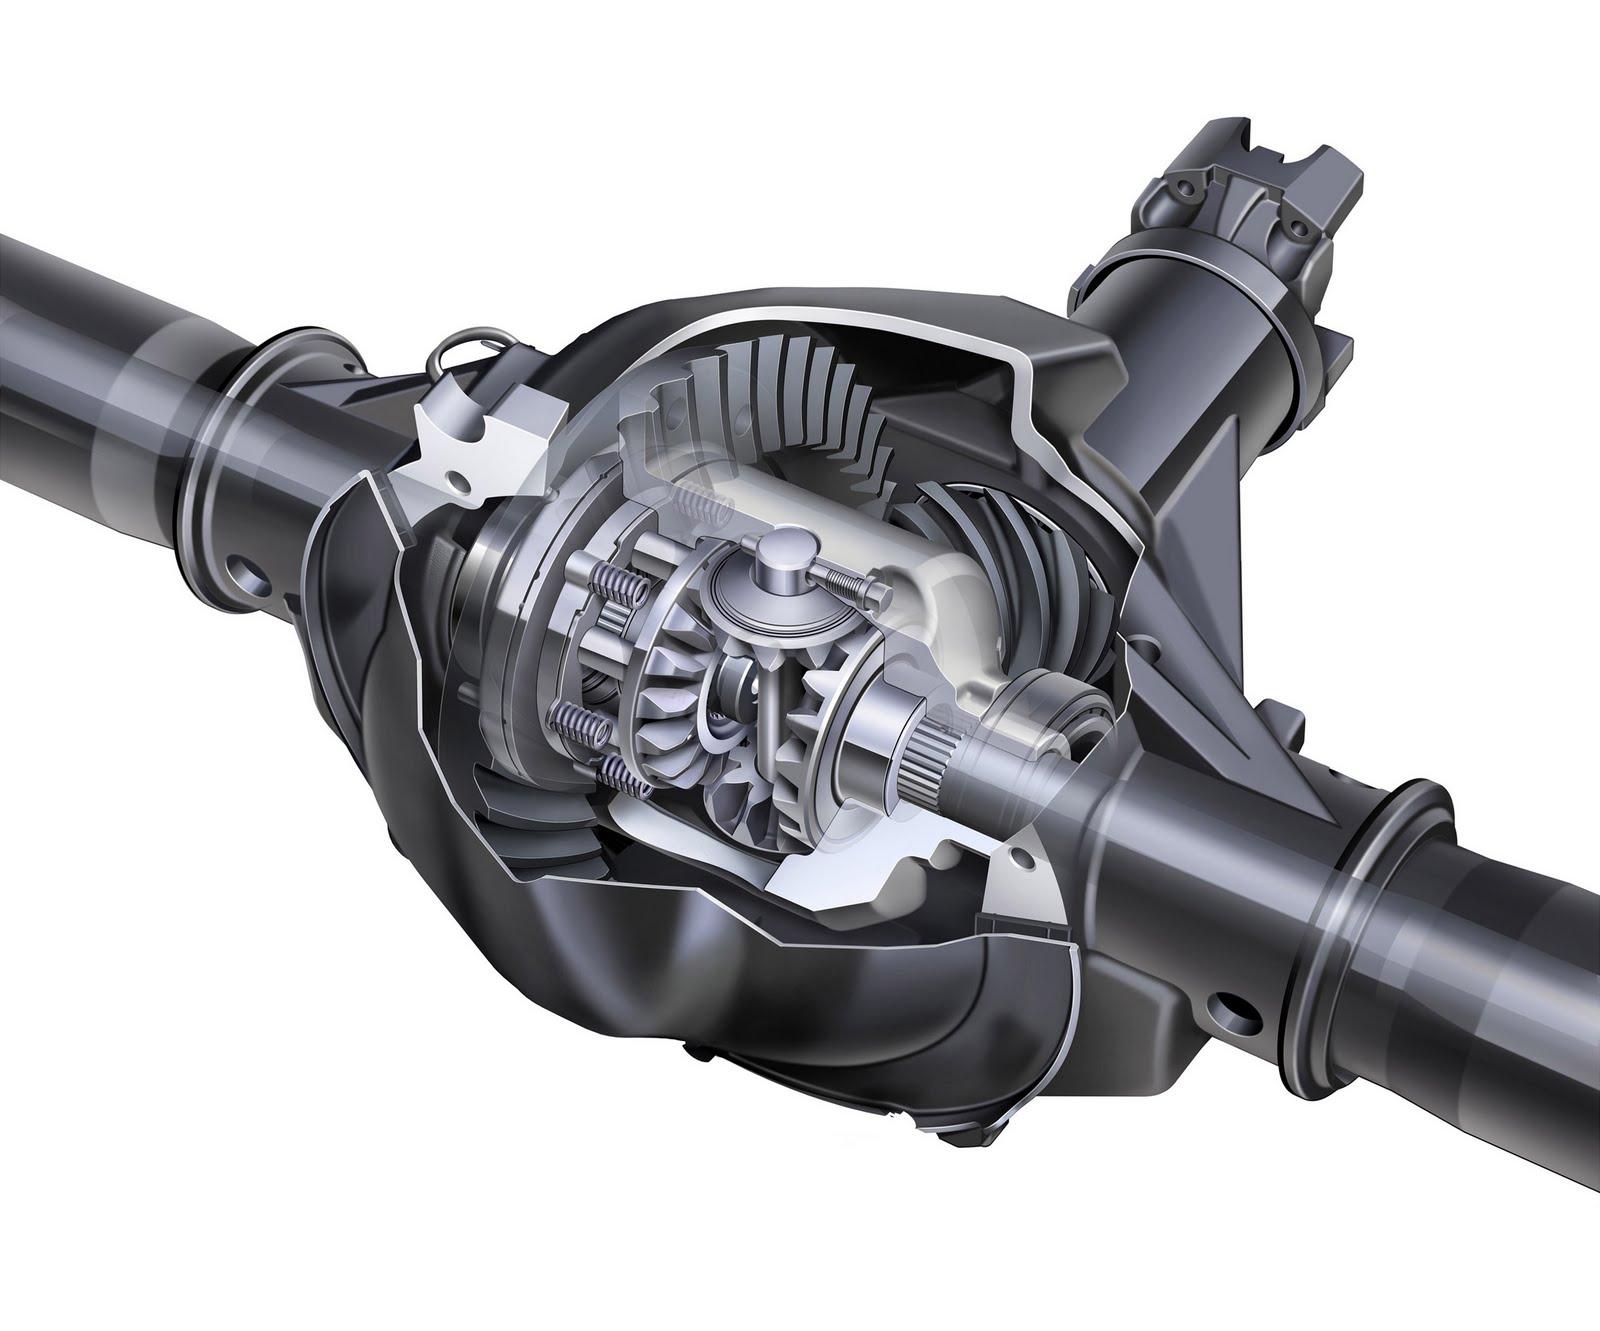 medium resolution of suhan auto locking differential 2000 camaro v6 engine diagram 1995 camaro engine diagram